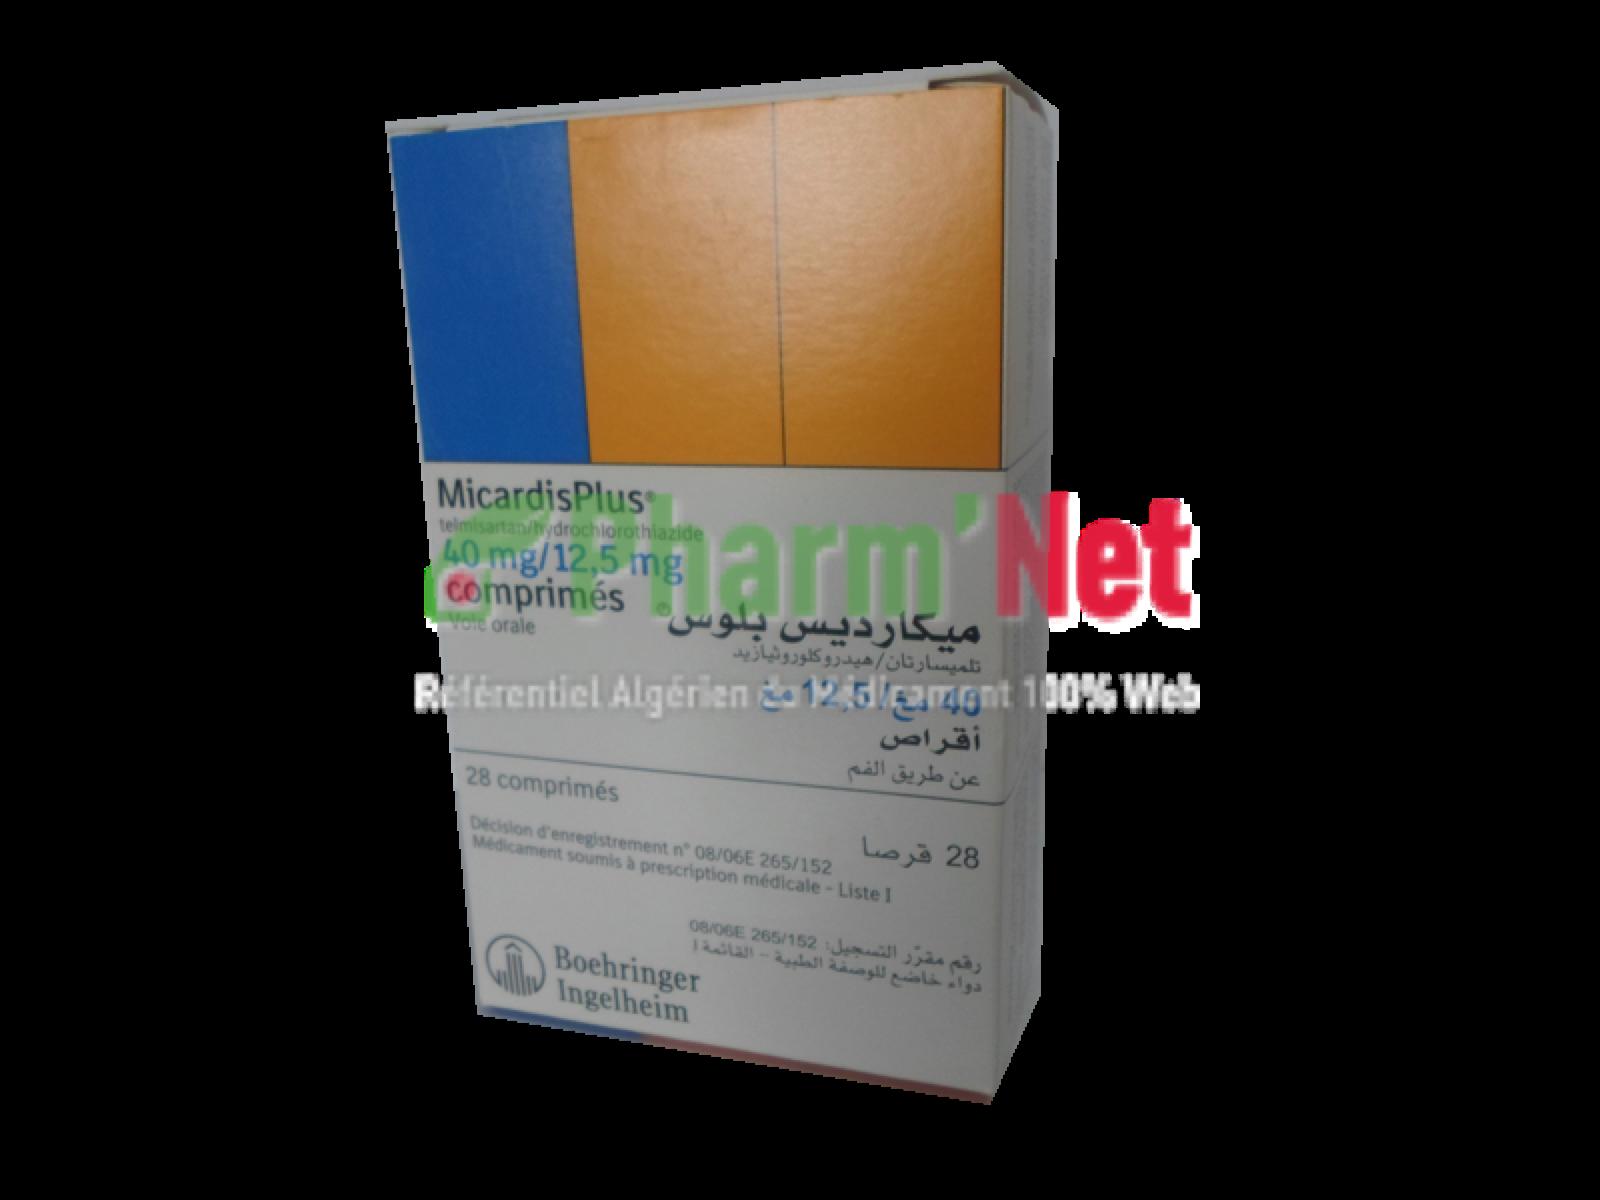 MICARDIS PLUS 40MG/12,5MG COMP. B/28 | PharmNet